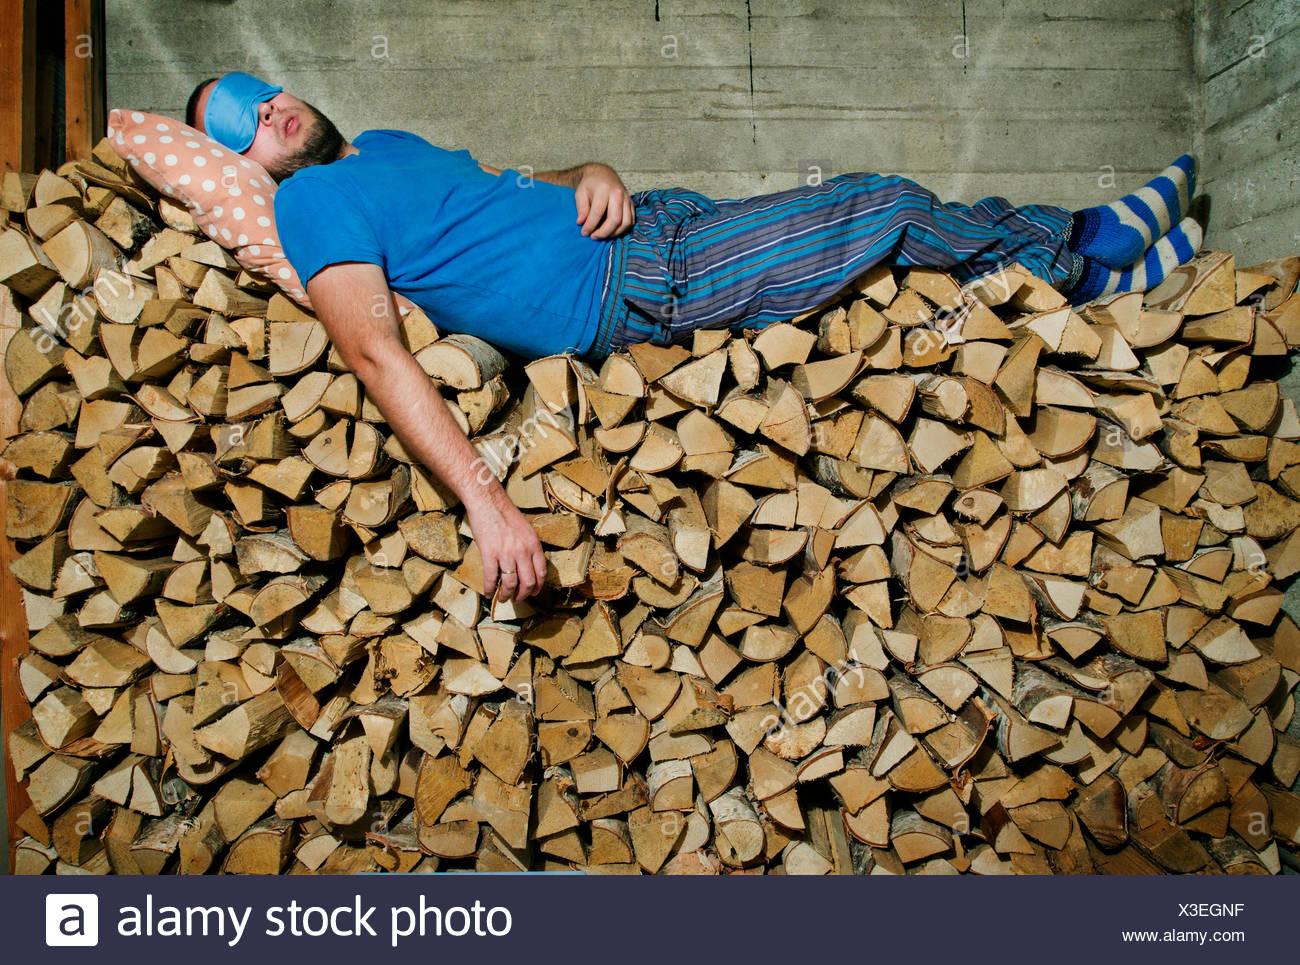 La Finlande, Heinola, Man sleeping on pile de bois de chauffage Photo Stock